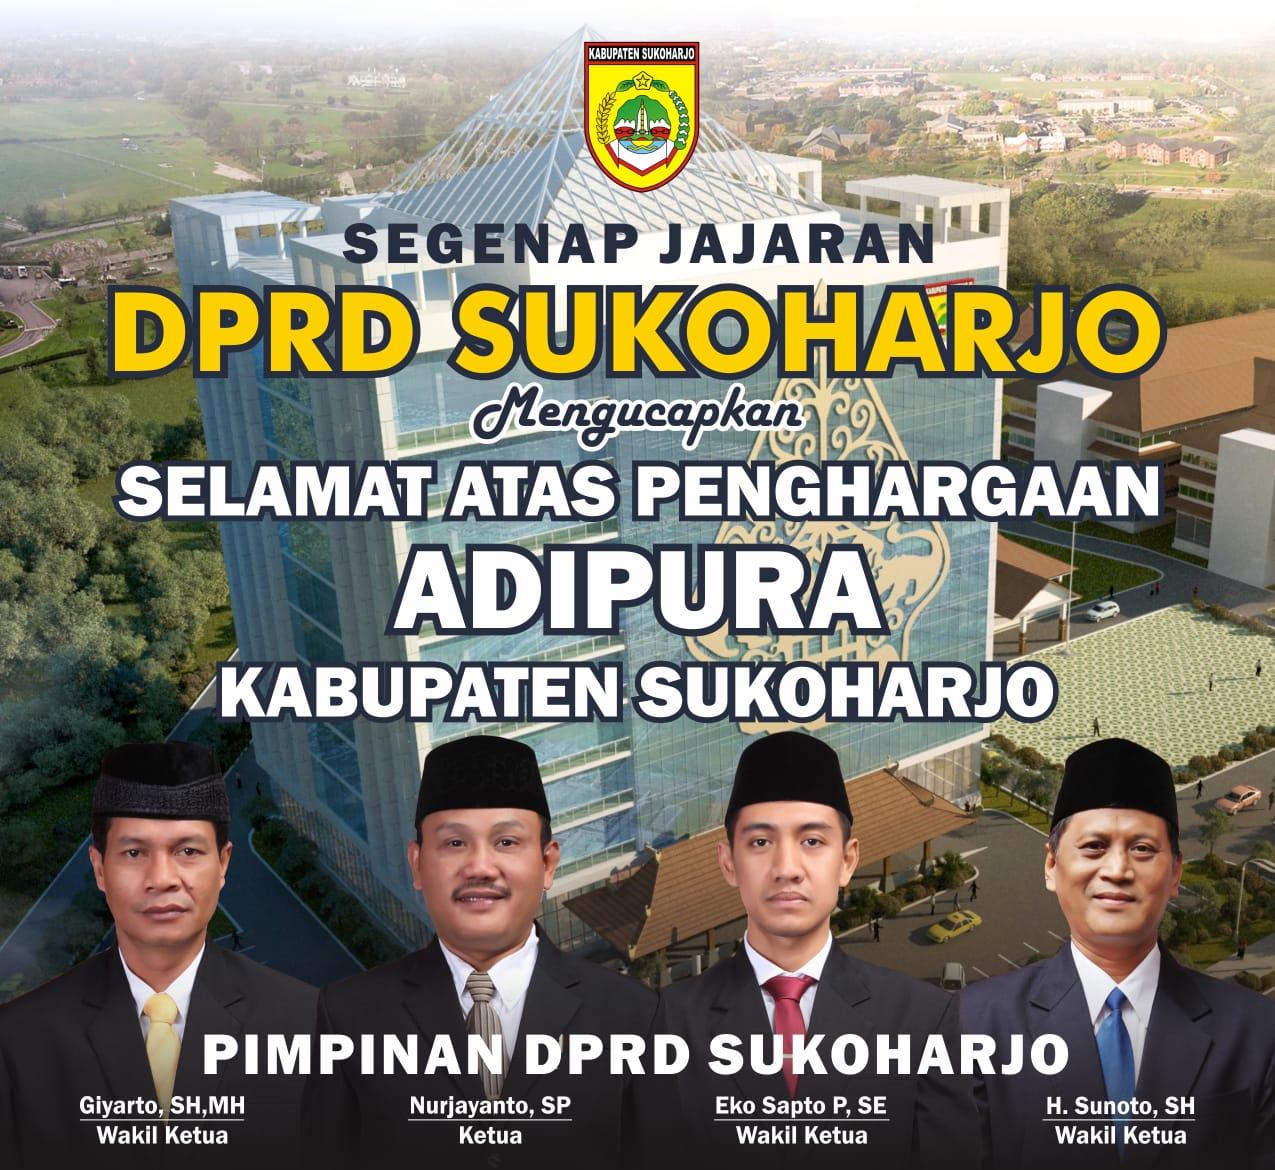 banner adipura dprd